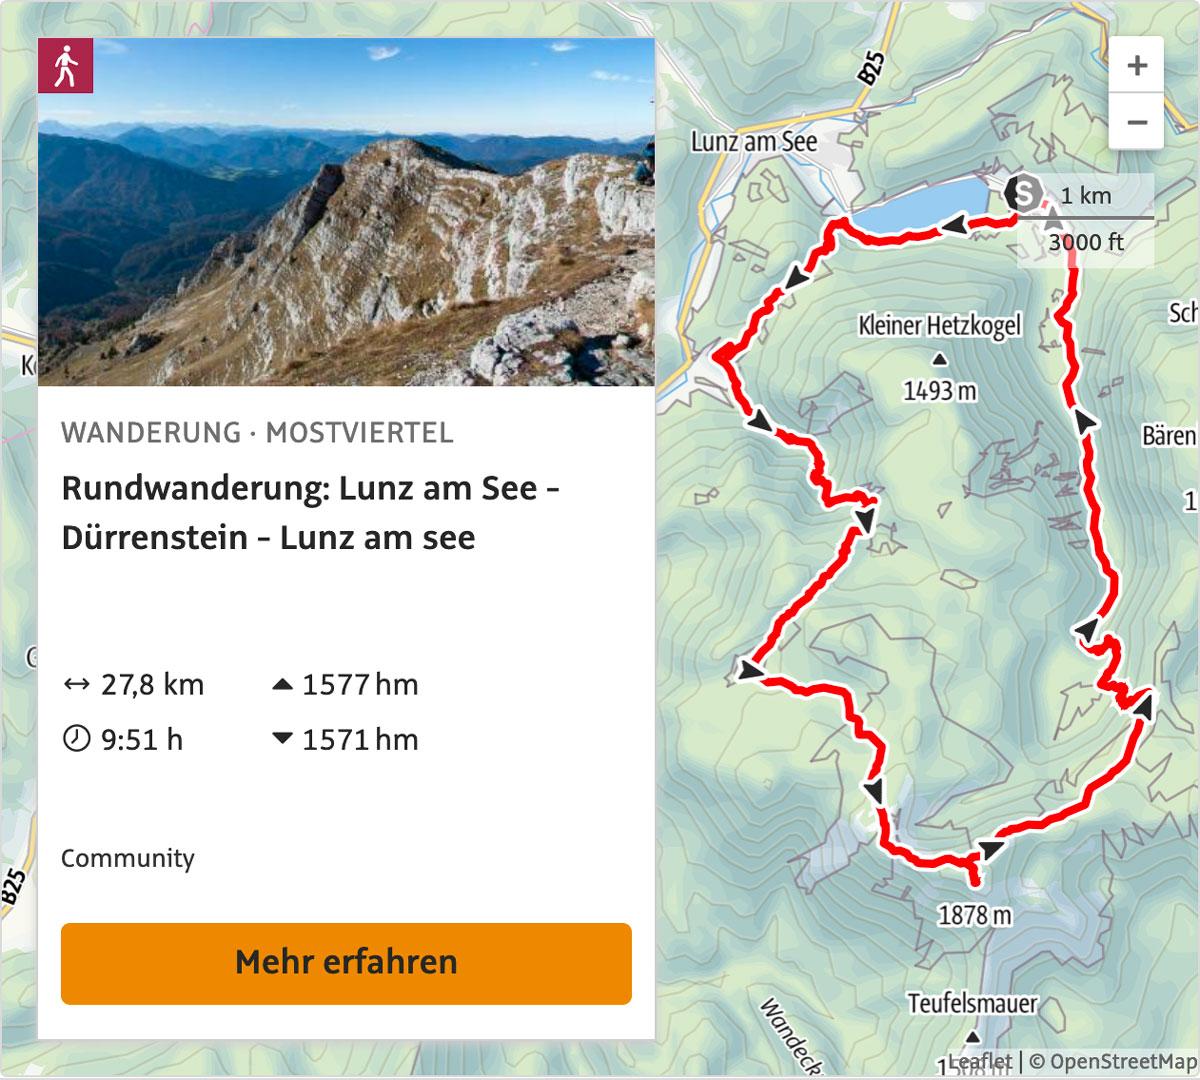 Lunzer See - Seekopf - Lechnergraben - Ybbstalerhütte - Dürrenstein - Herrenalm - Obersee - Mittersee - Lunzer See